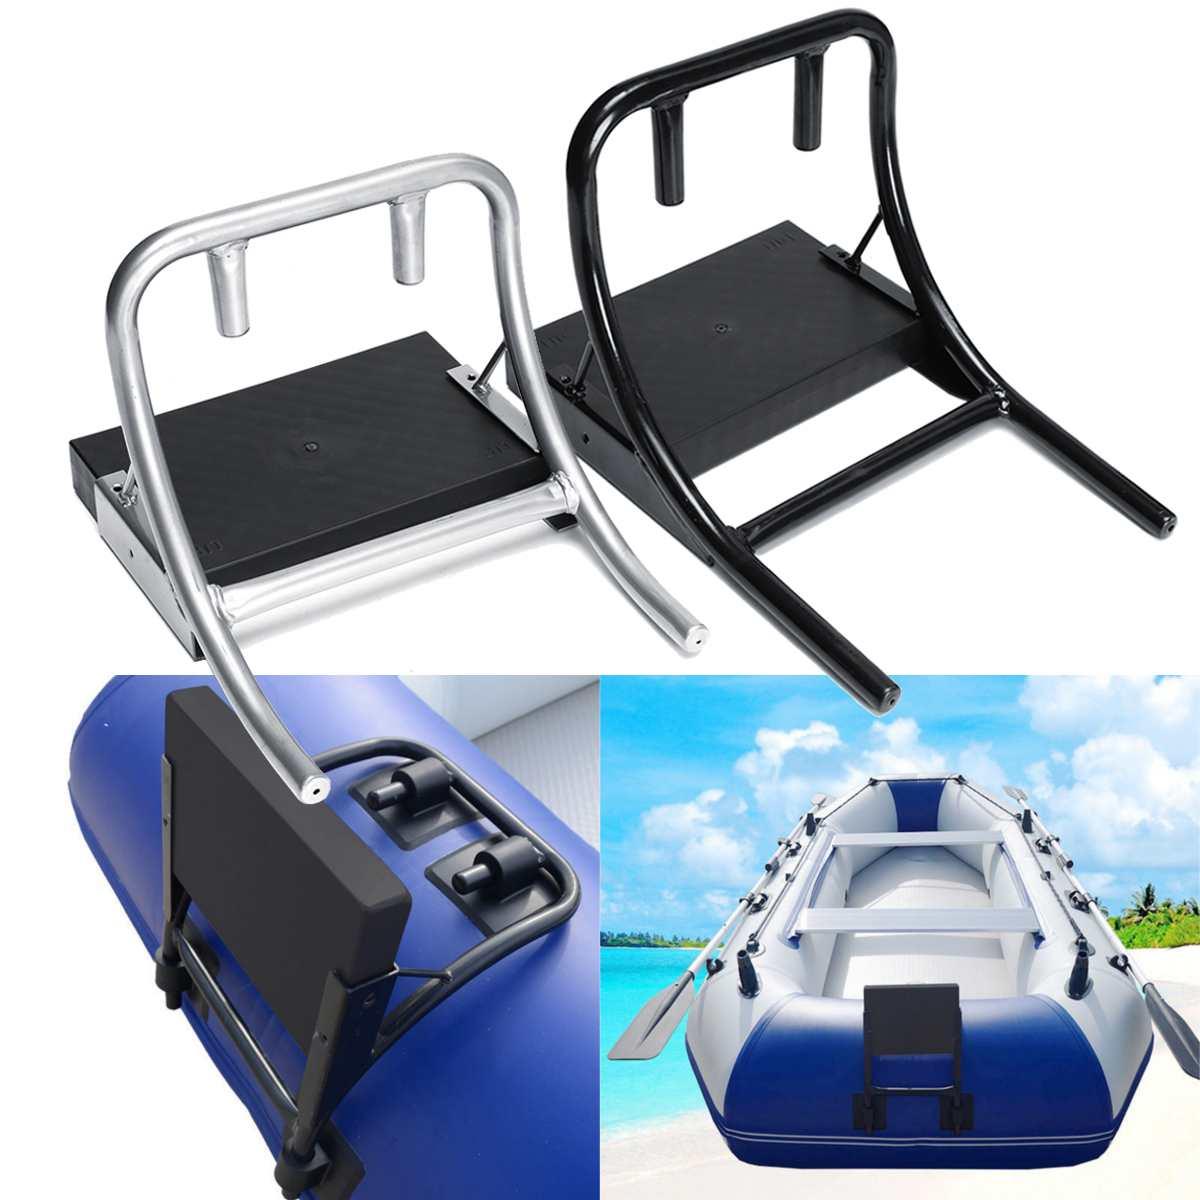 Moteur moteur accrocher Support petit Support pour 1.75/2 M bateau de pêche gonflable bateaux en caoutchouc